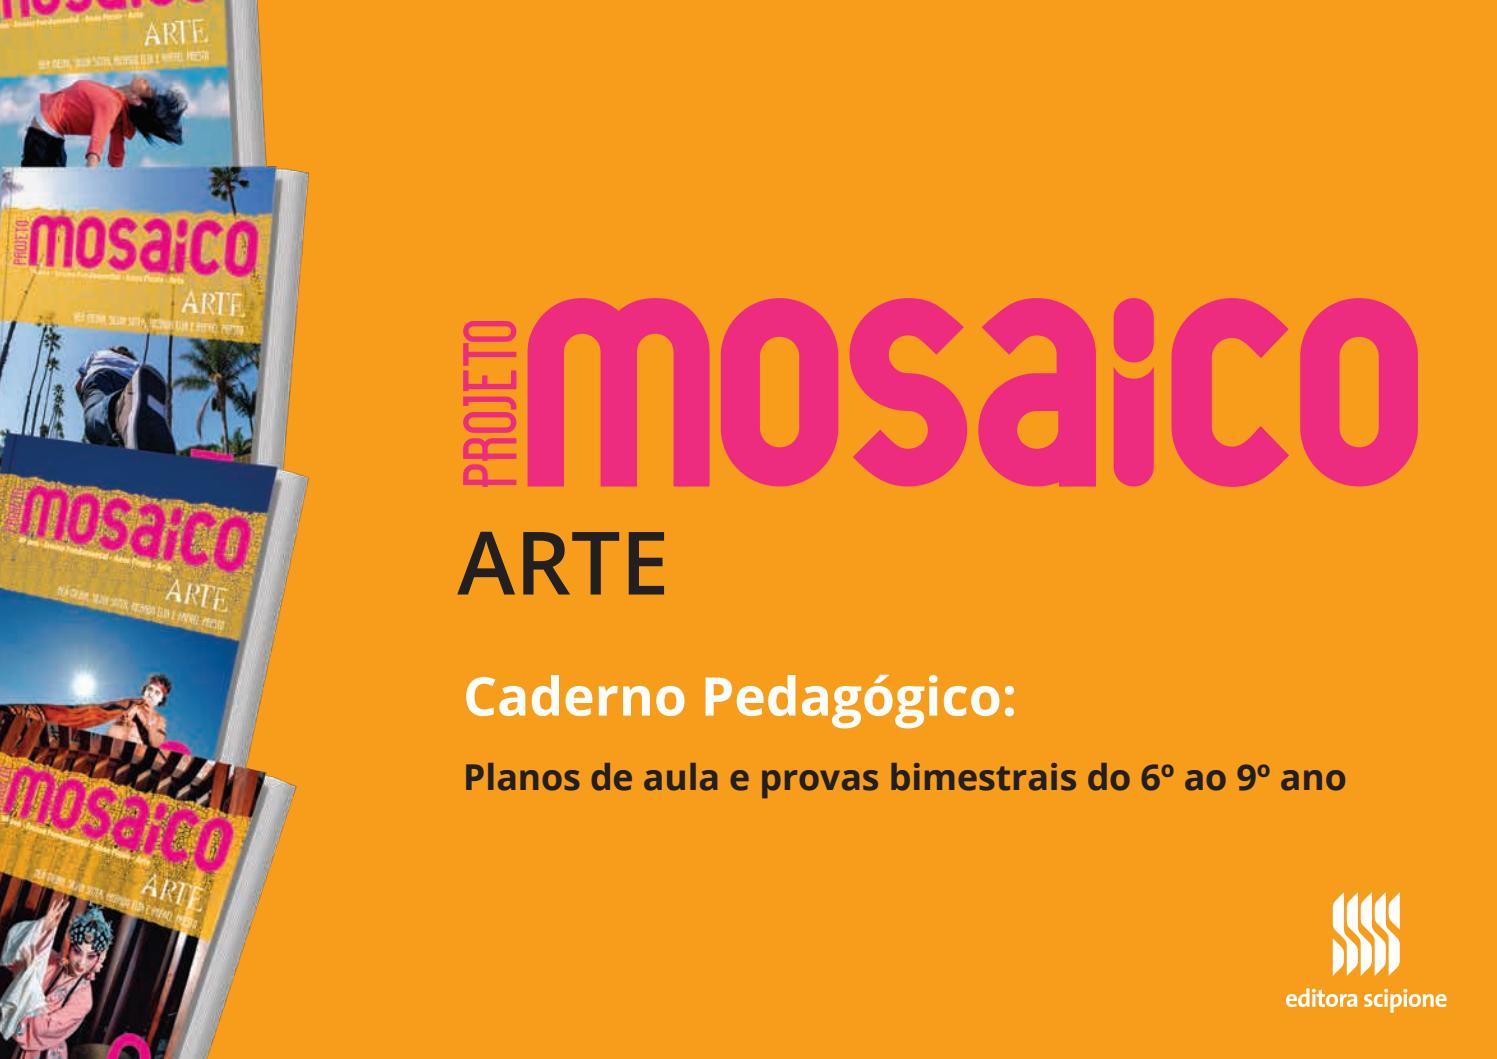 Caderno mosaico arte by SOMOS Educação - issuu f5e20dc02148d